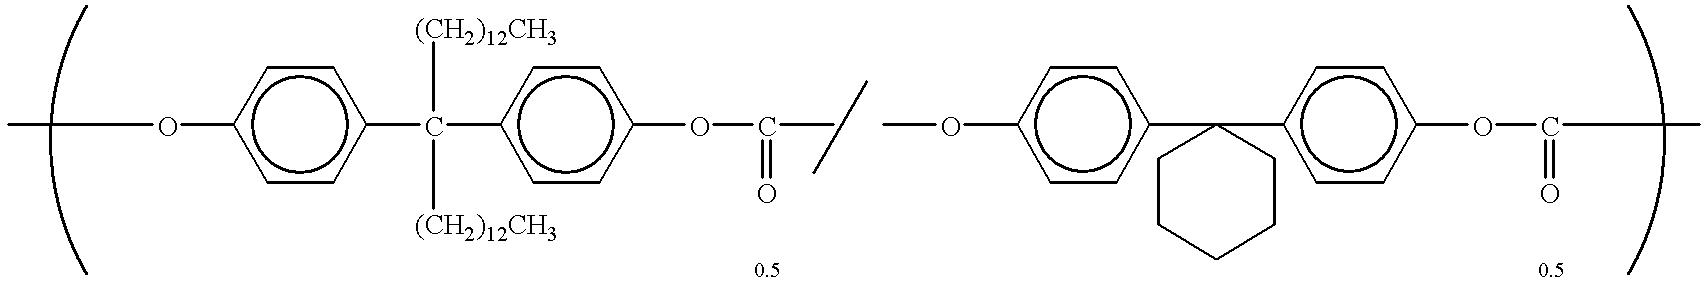 Figure US06548216-20030415-C00015